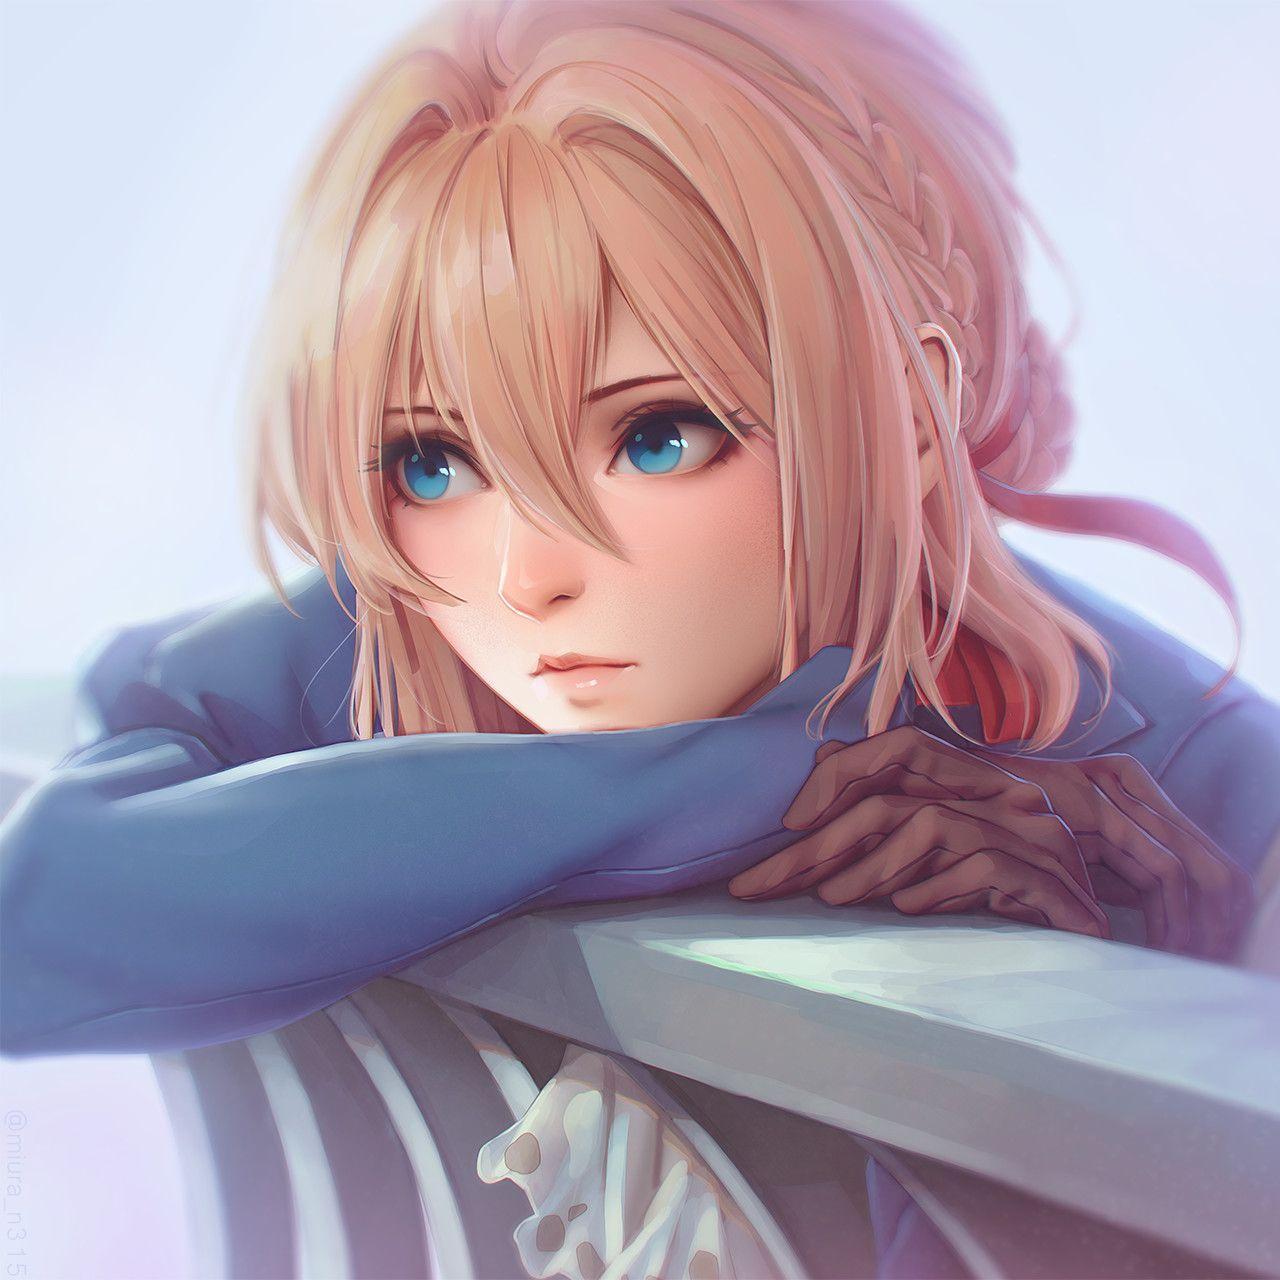 Pin On Semi Realistic Anime Art